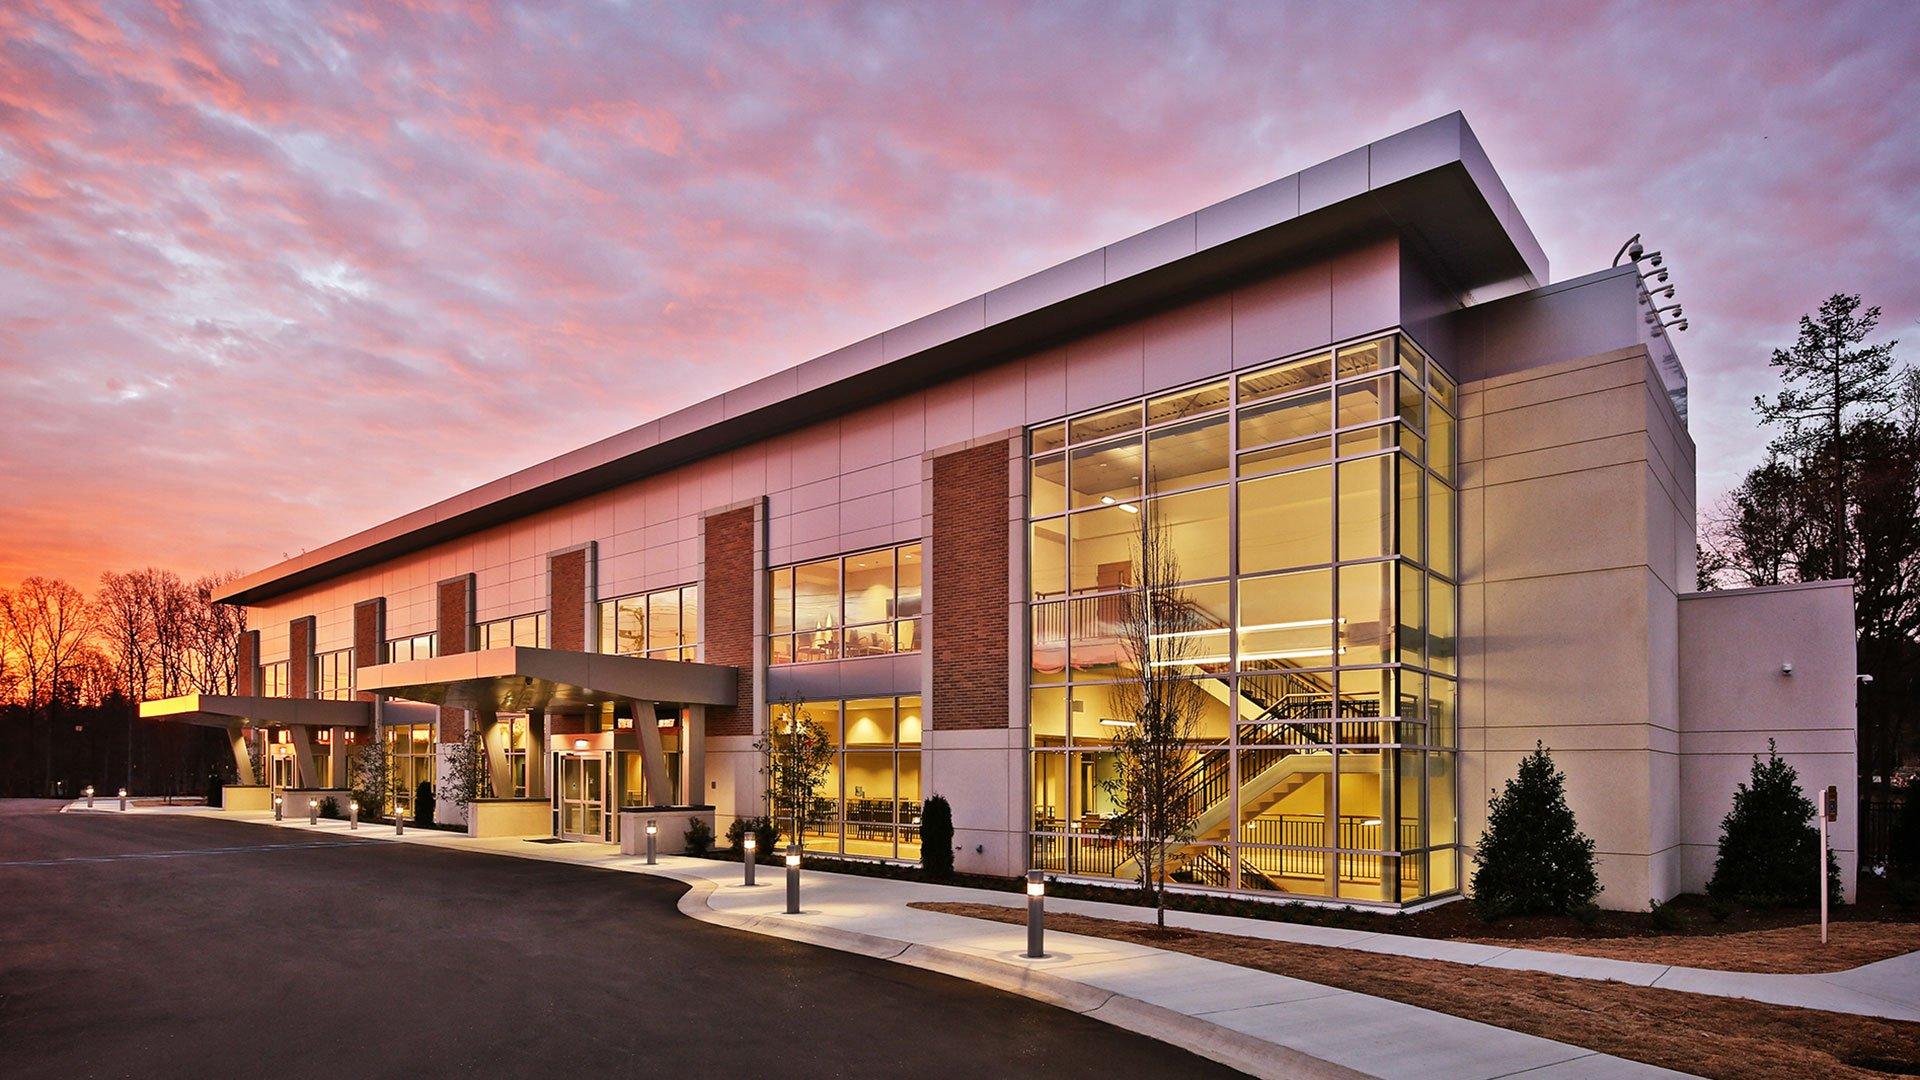 New Horizon Family Health Center